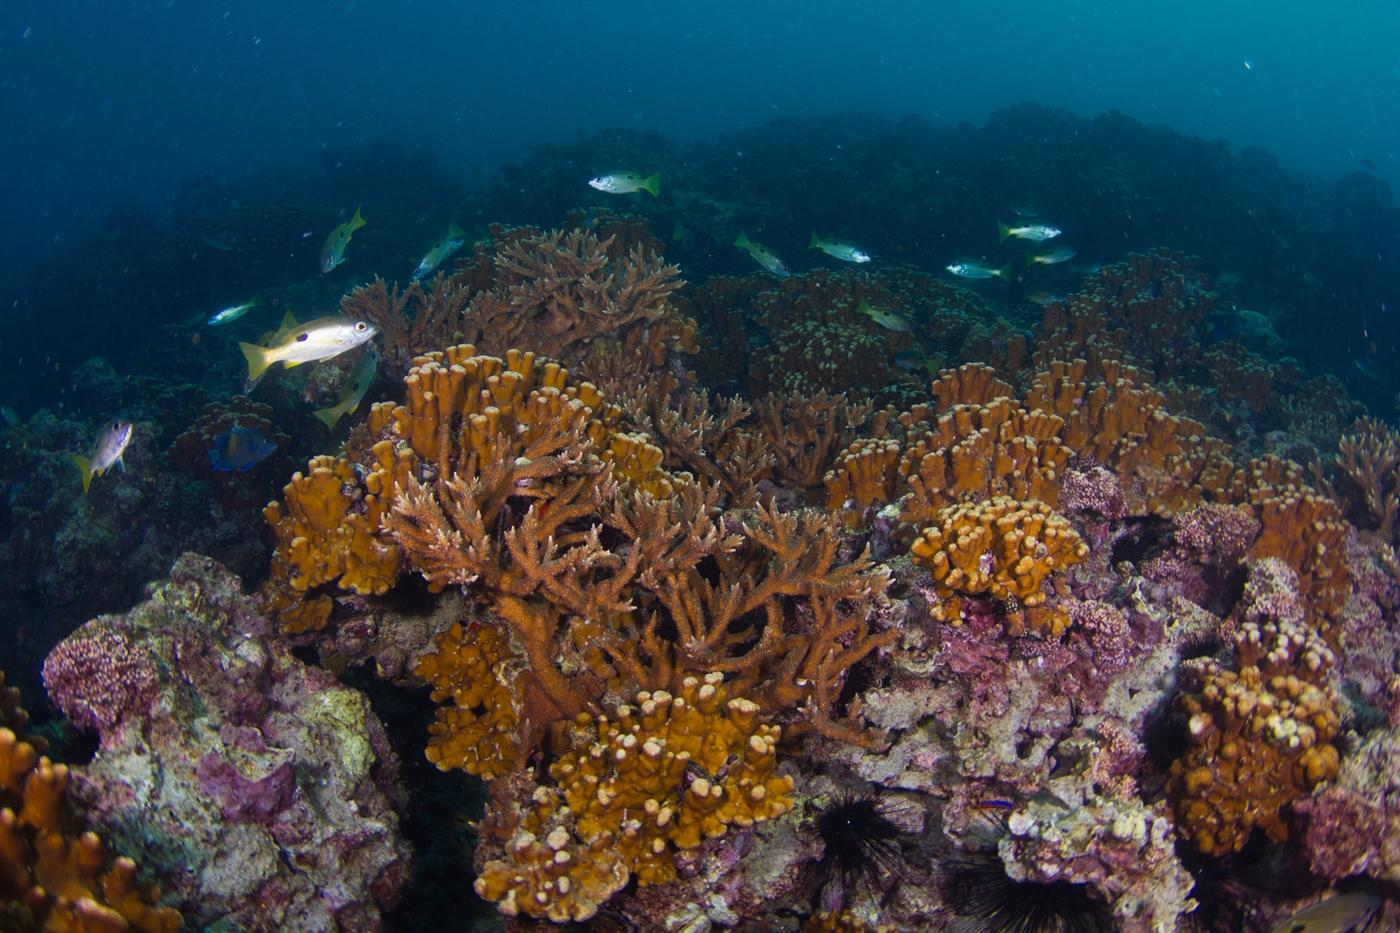 استزراع أكثر من مليون مستعمرة شعاب مرجانية في أبوظبي